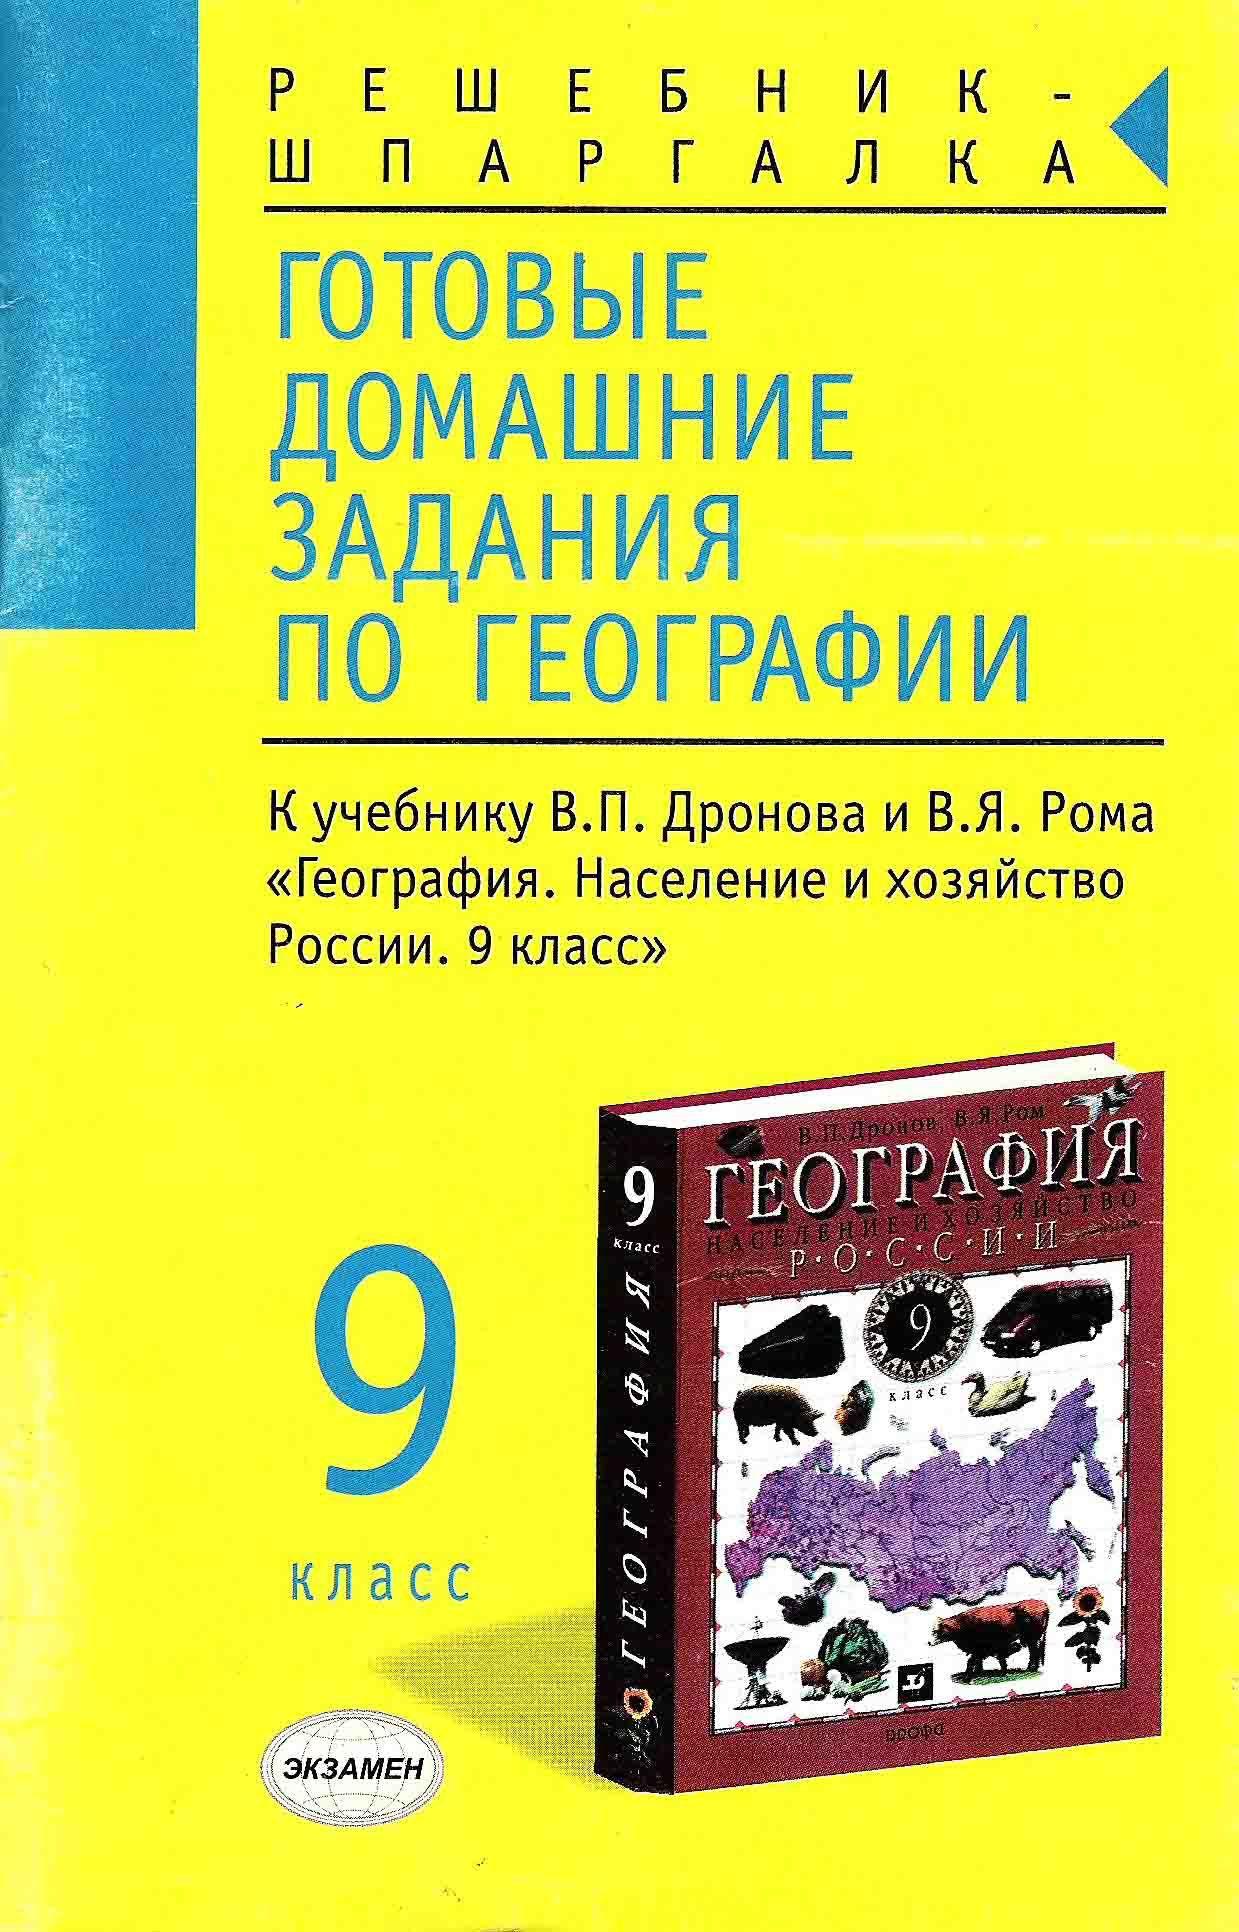 Гдз к итооговой аттестации 9 класс в.н александрова